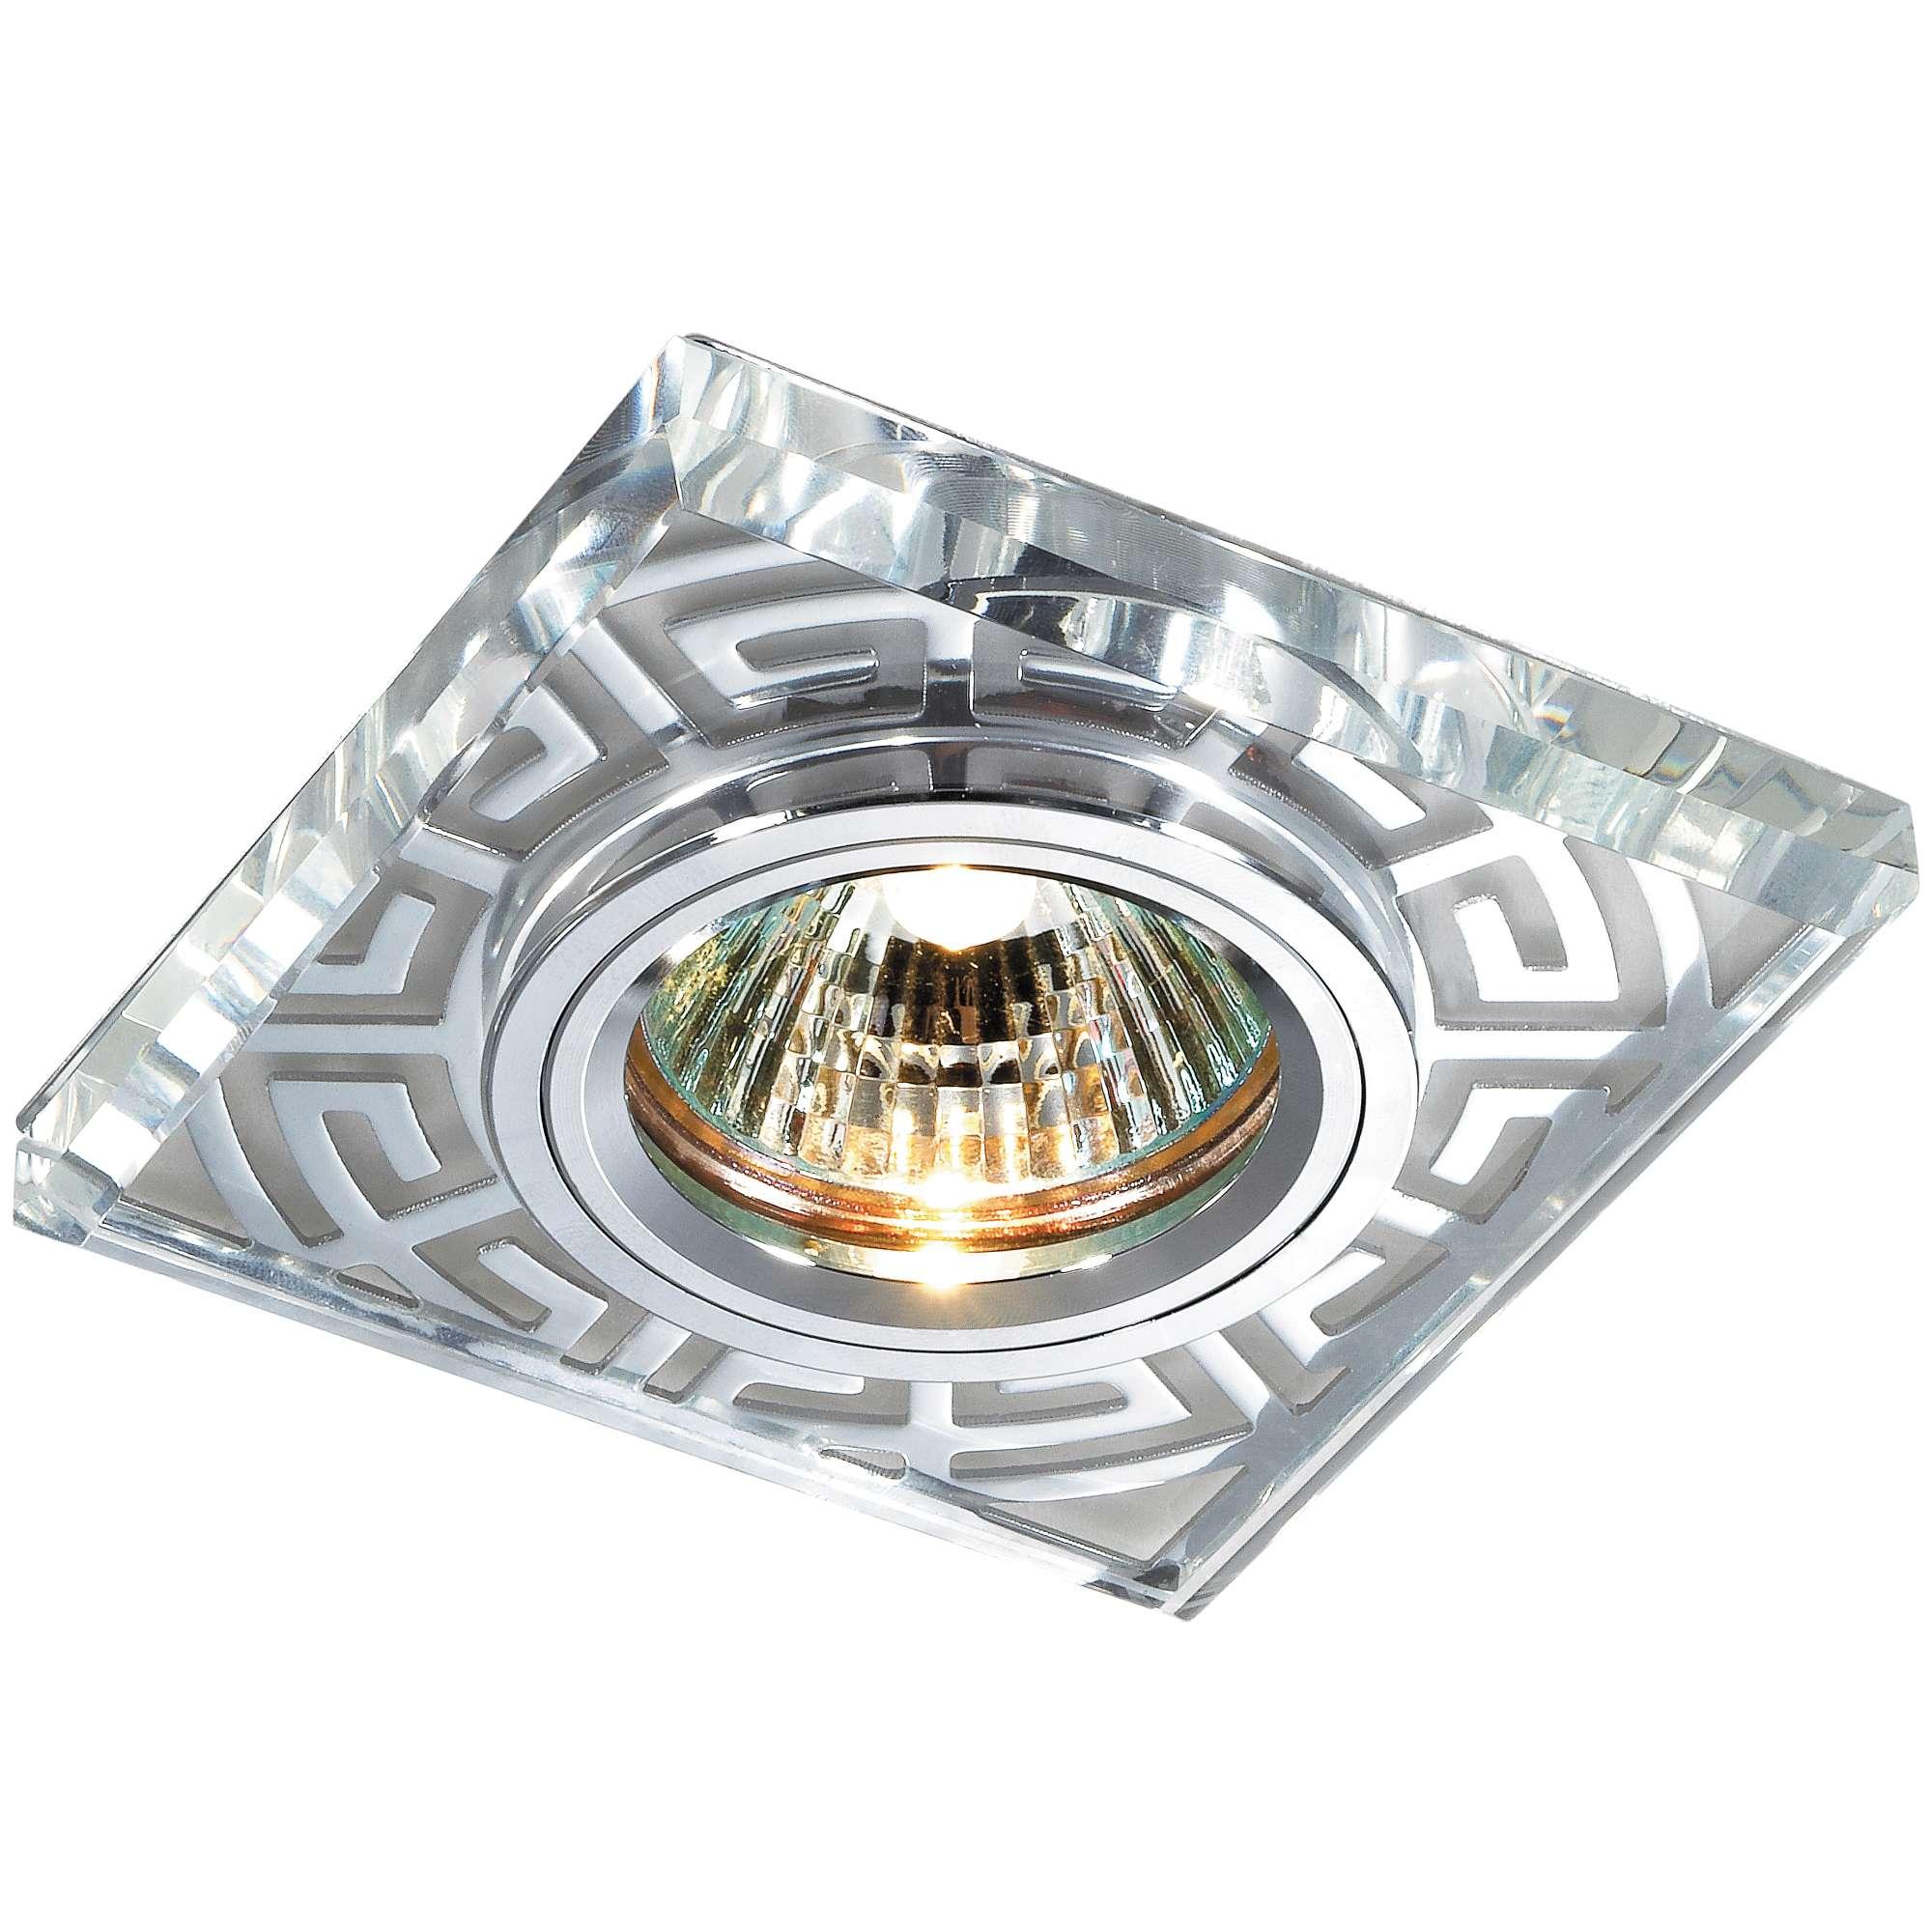 цена на Светильник встраиваемый Novotech Maze nt12 131 369586